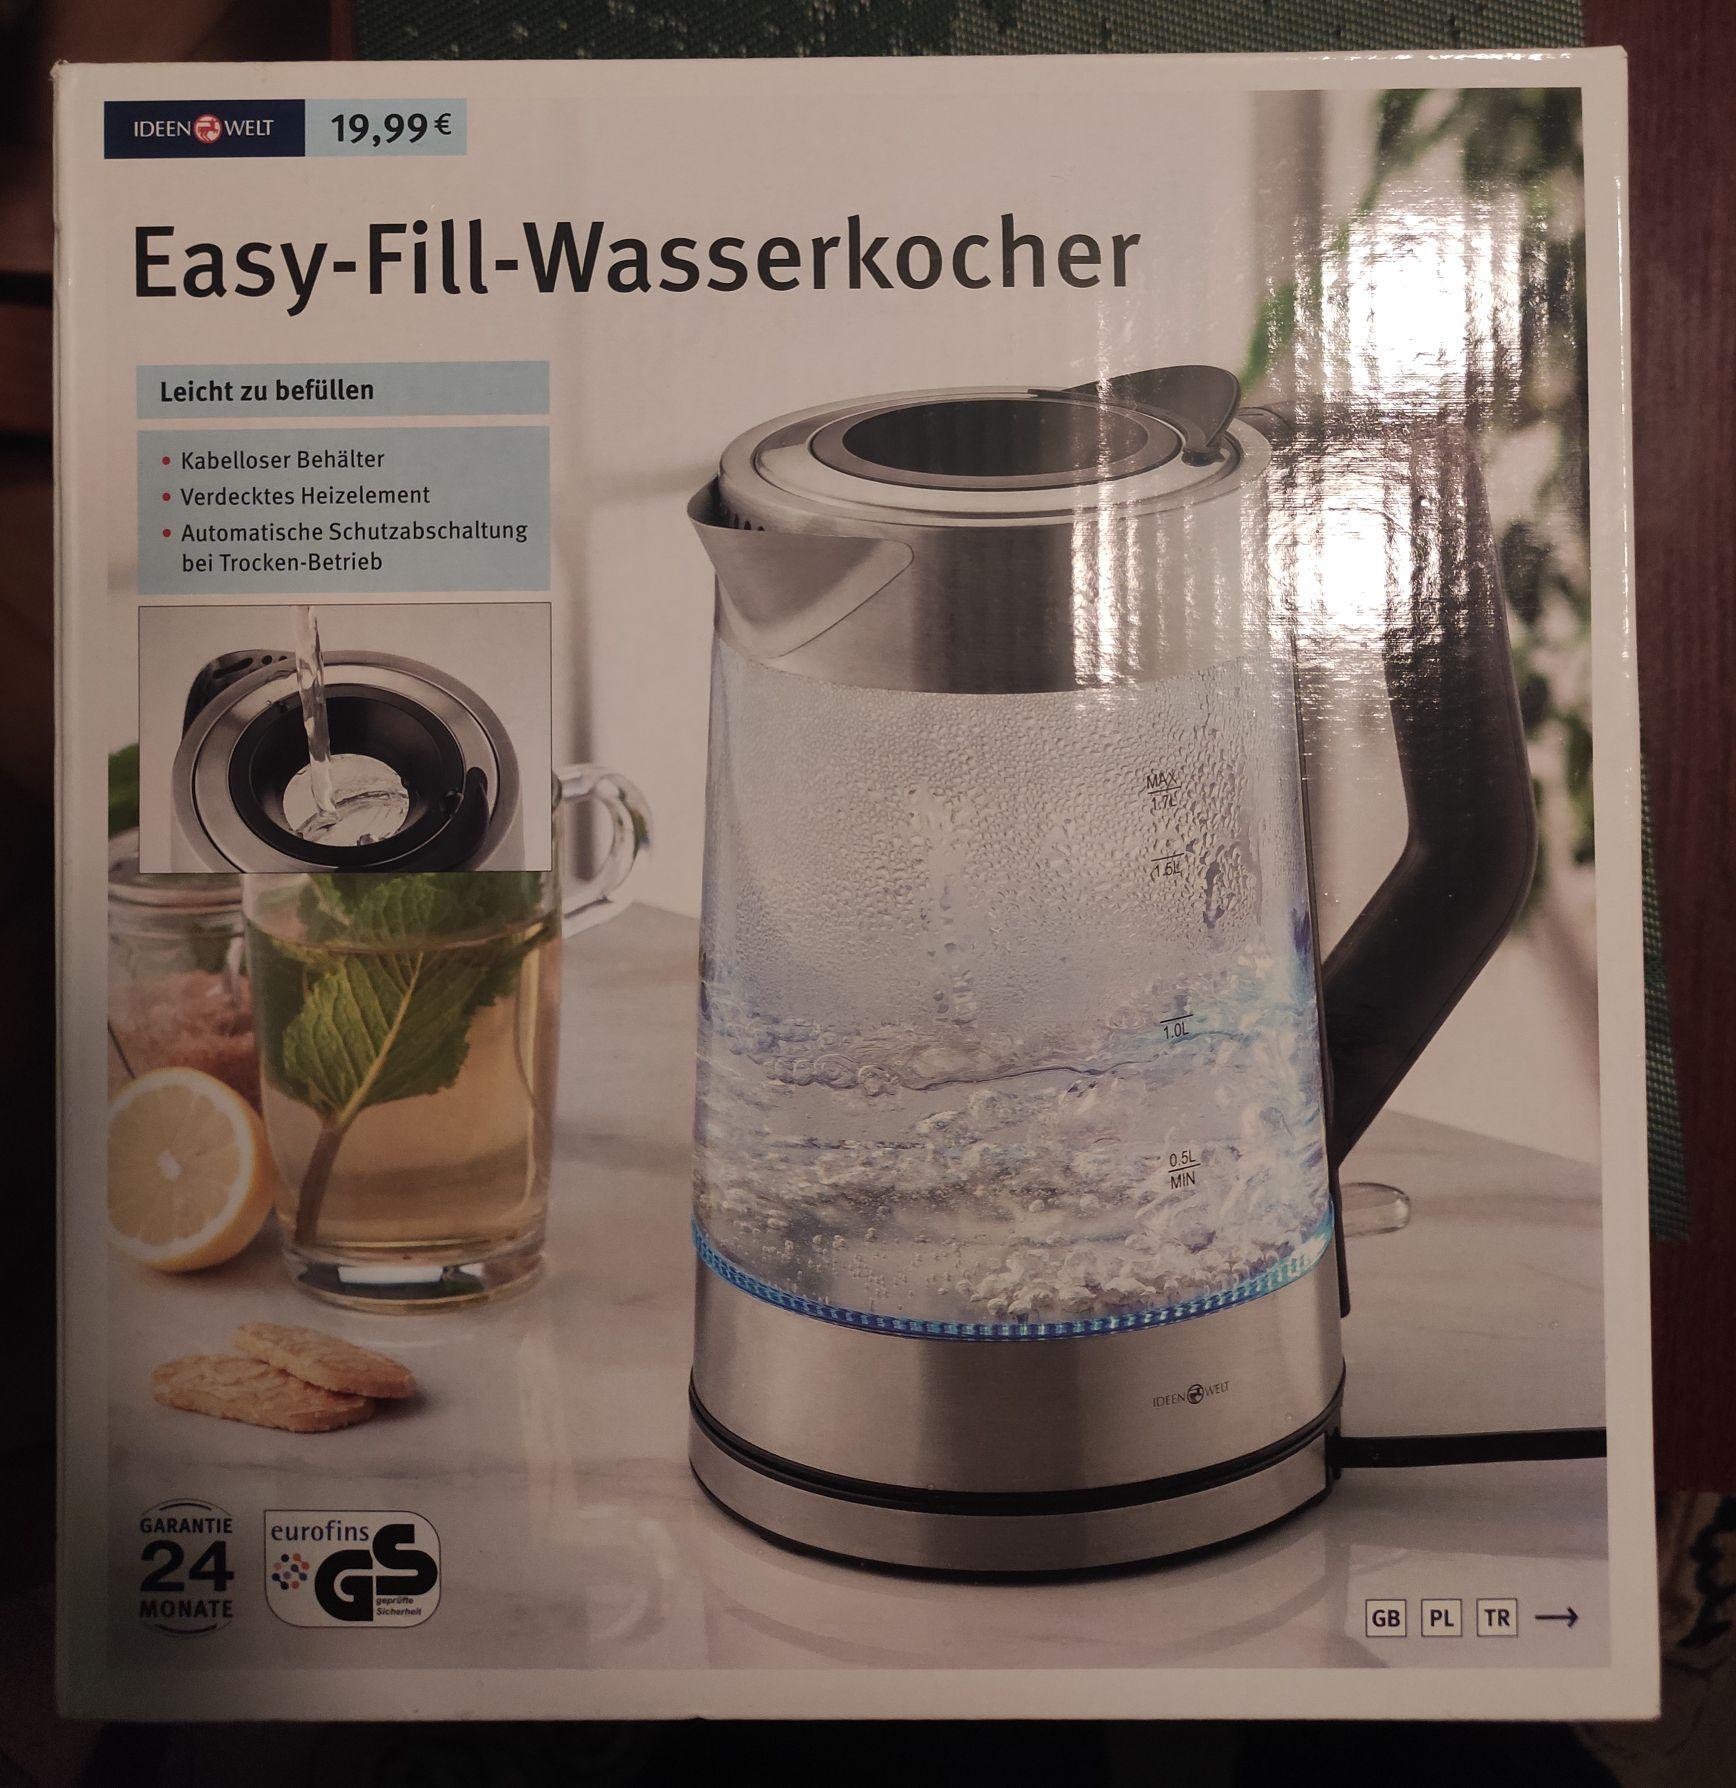 Czajnik elektryczny Easy-Fill-Wasserkocher 1.7l 2200W - Rossmann